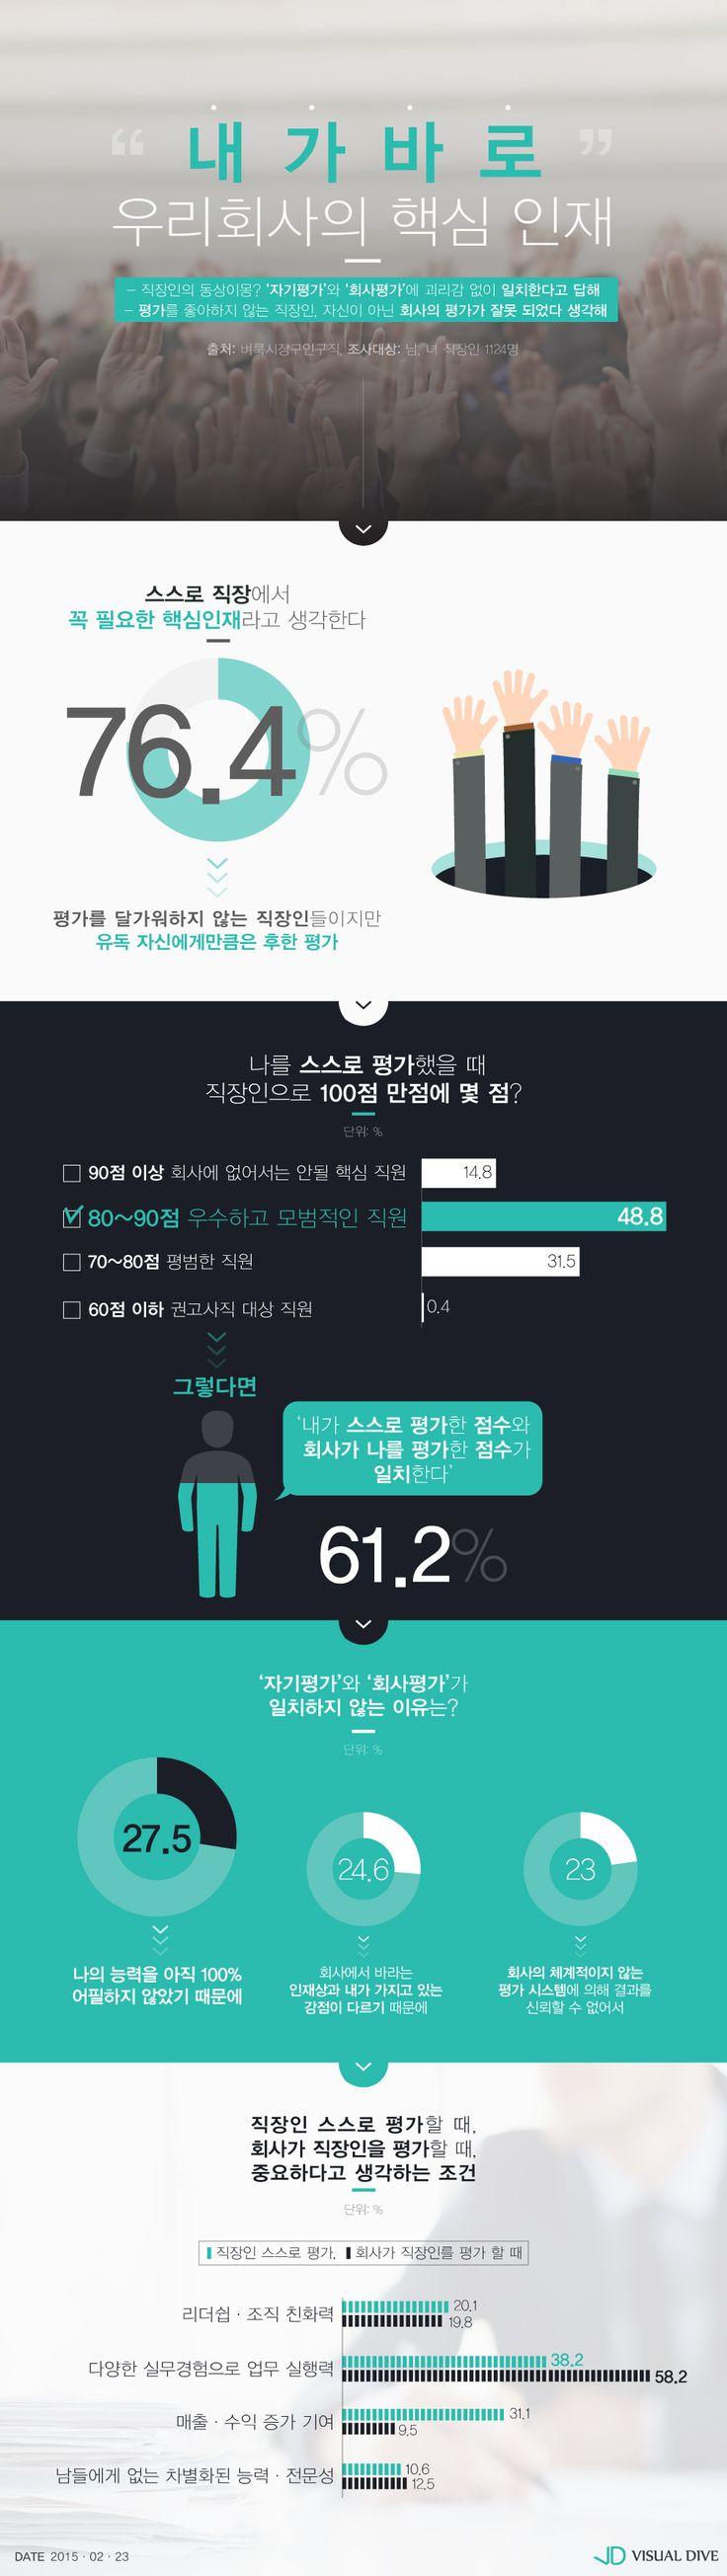 """직장인 자기평가 결과, 절반이상 """"회사 핵심 인재는 나"""" [인포그래픽] #competent person / #Infographic ⓒ 비주얼다이브 무단 복사·전재·재배포 금지"""